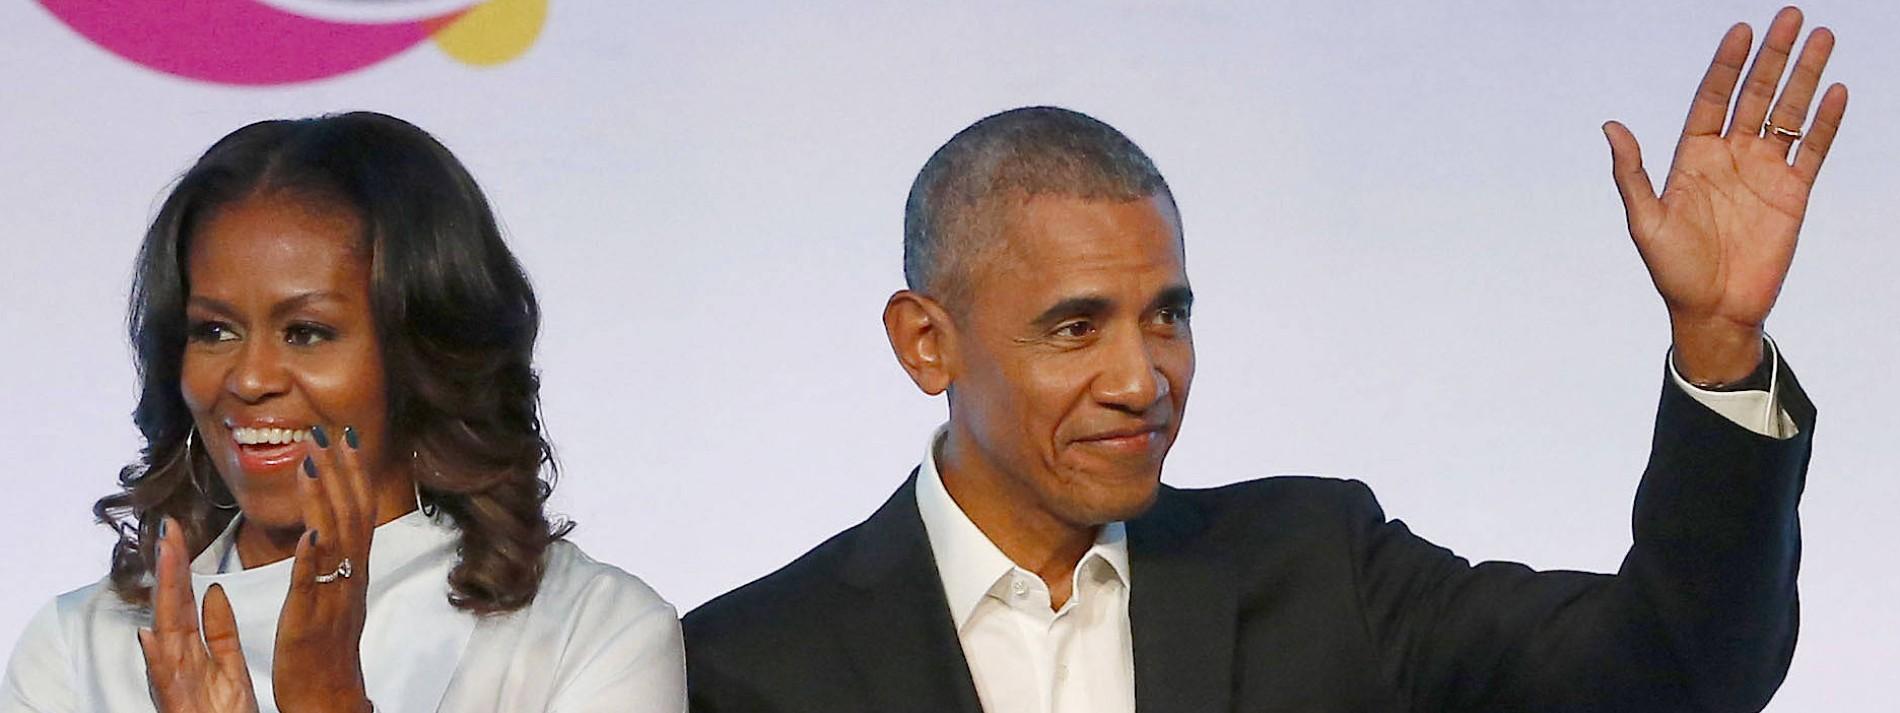 Obamas produzieren Netflix-Adaption von Buch über Trump